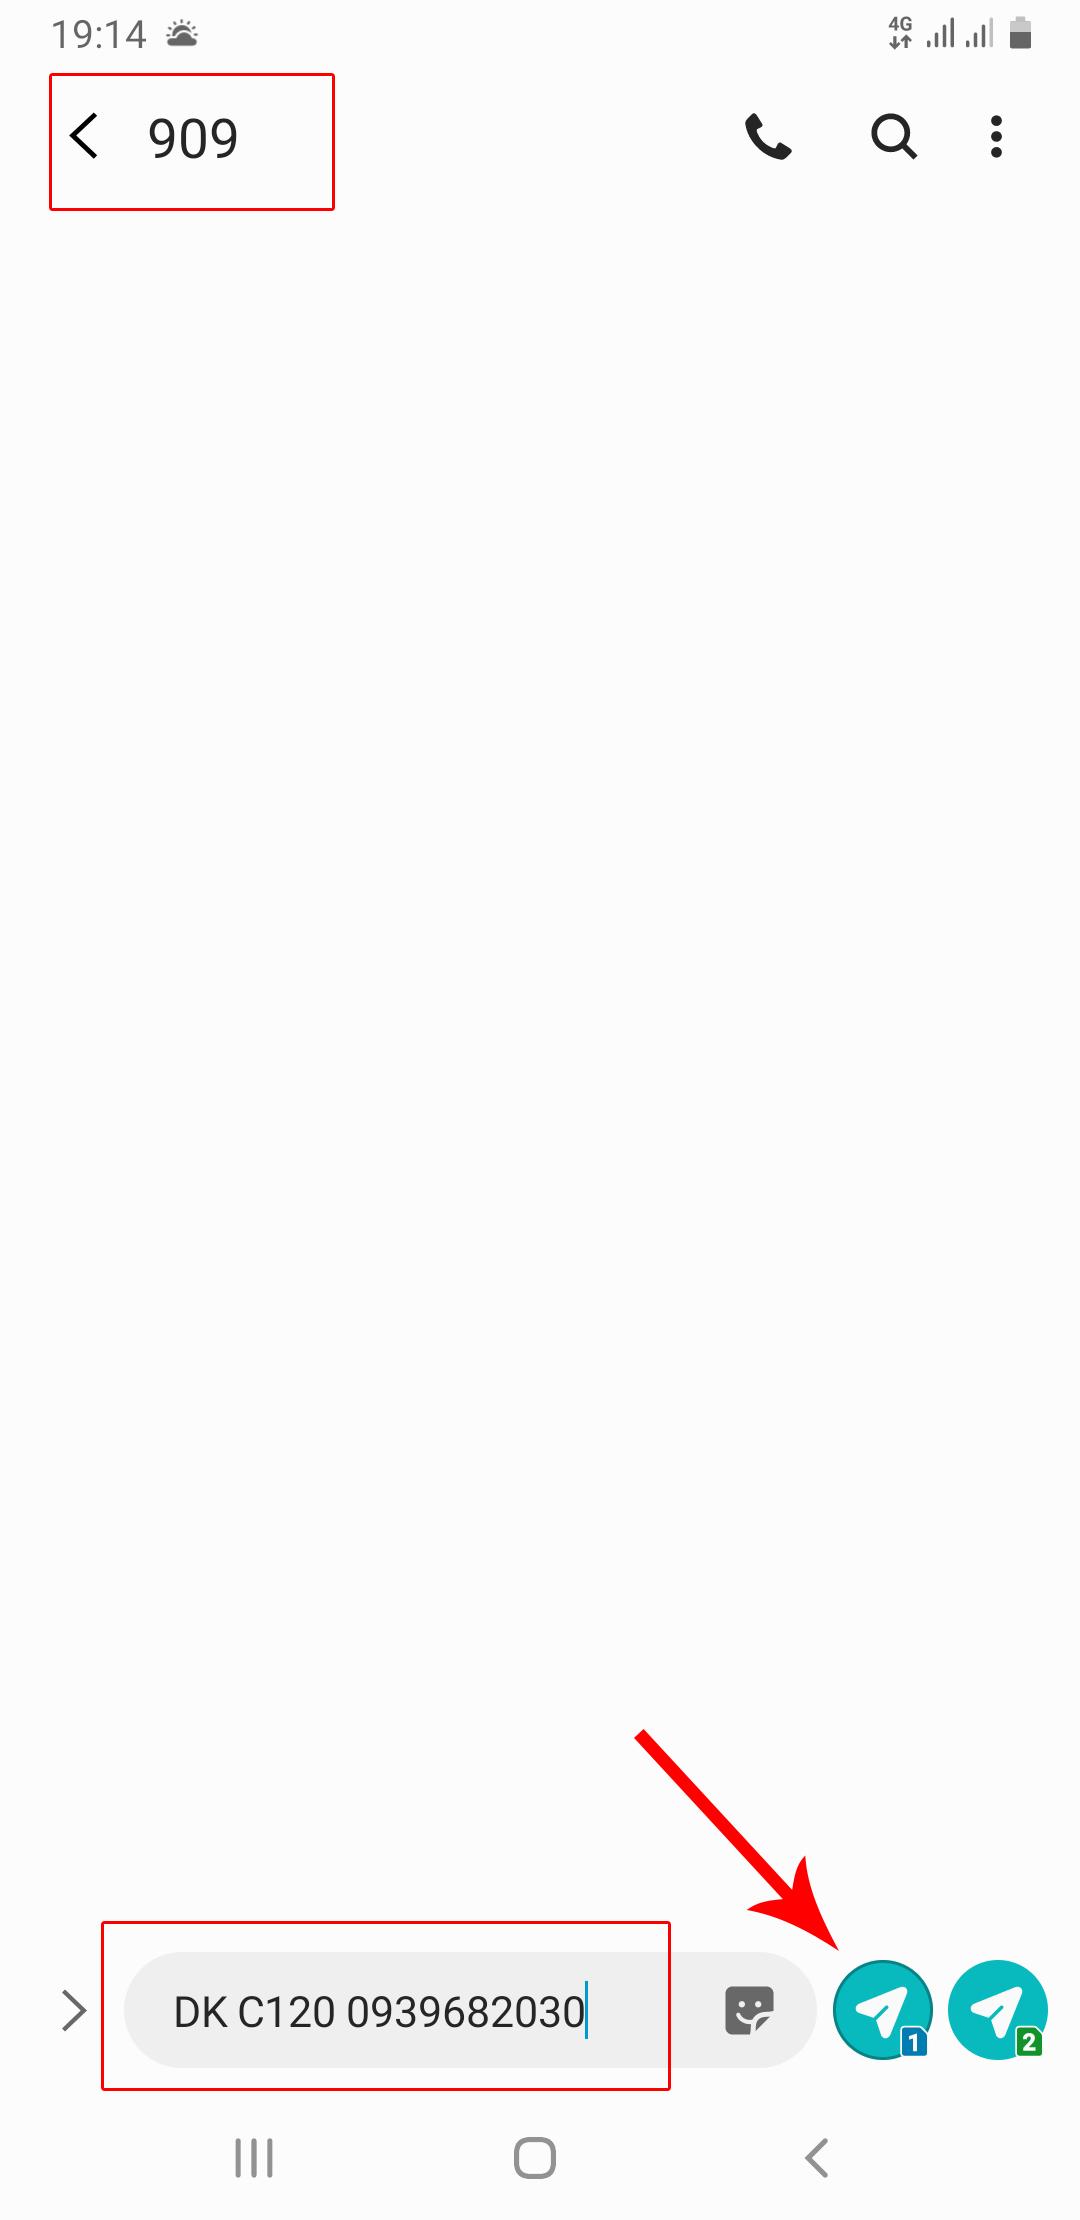 Hướng dẫn đăng ký gói cước nhanh tại website MobiFone Bạc Liêu